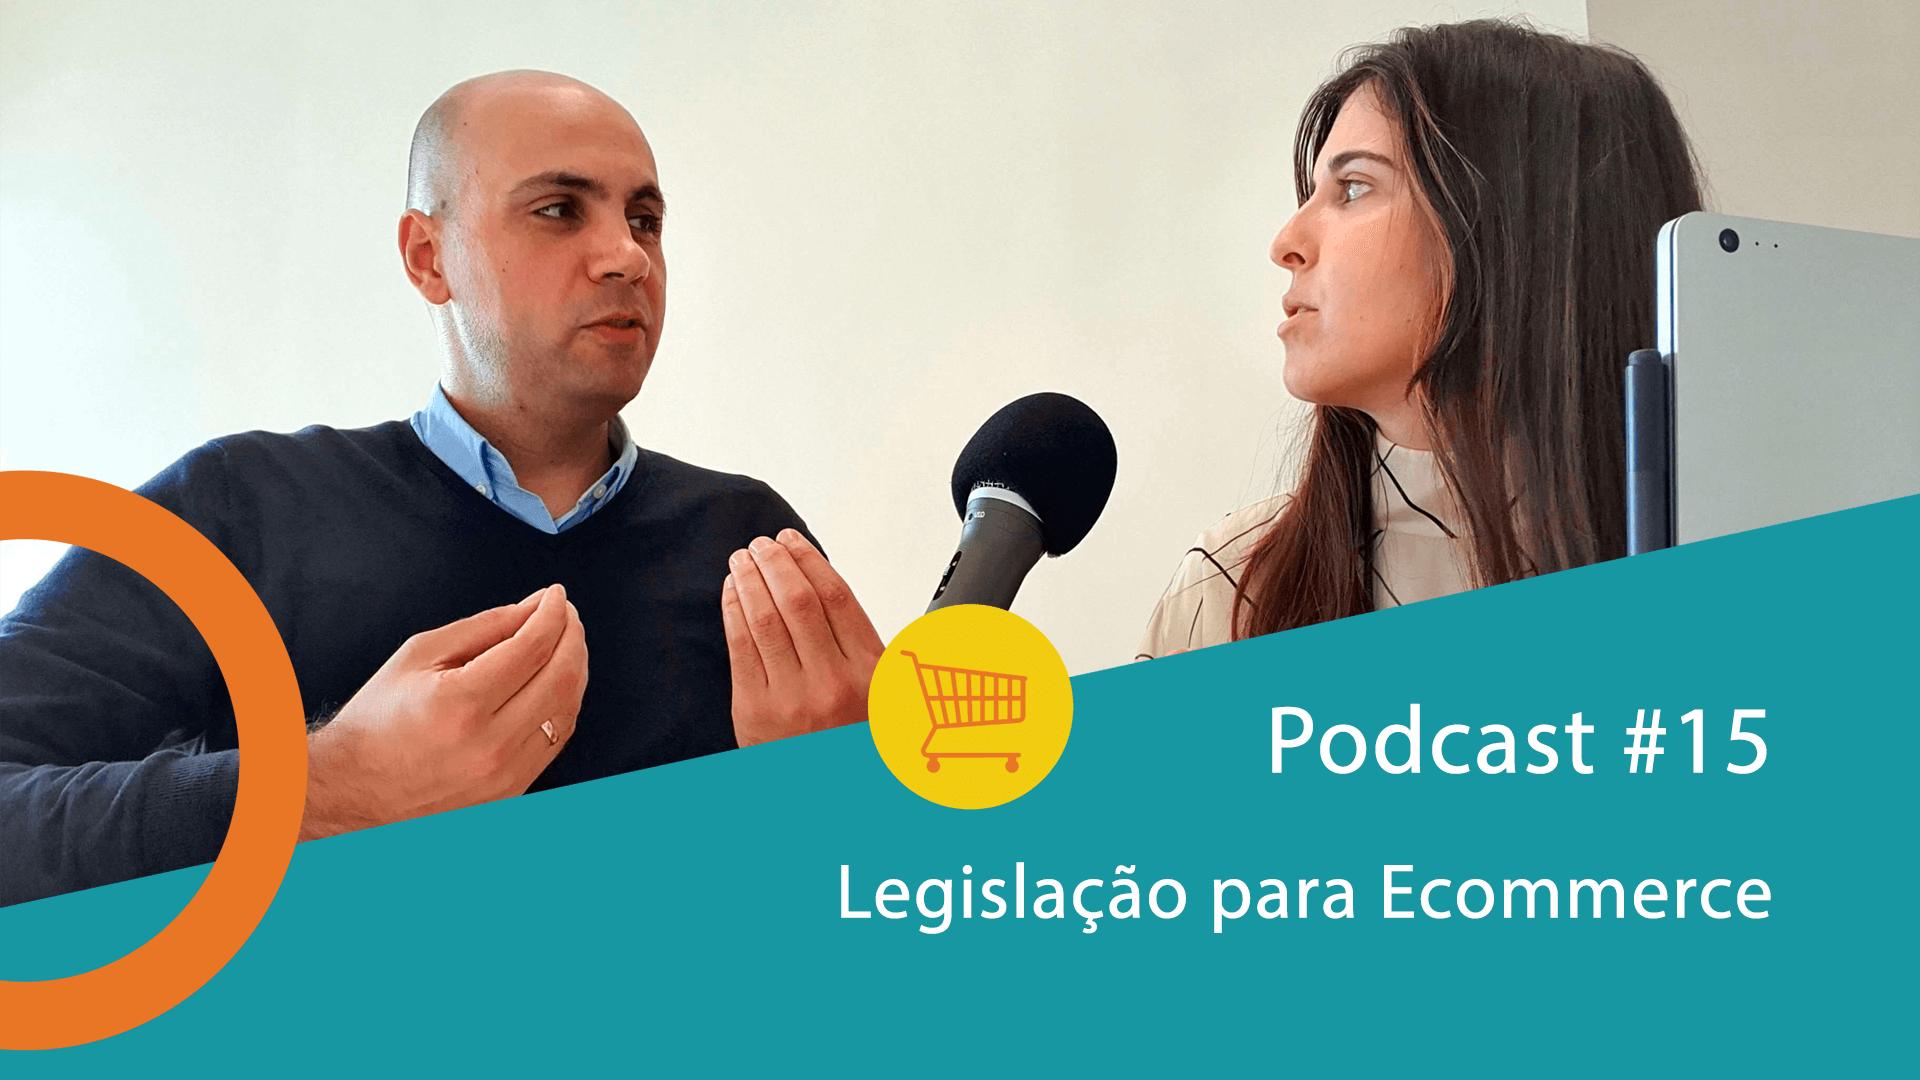 Podcast 15 - Legislação para ecommerce